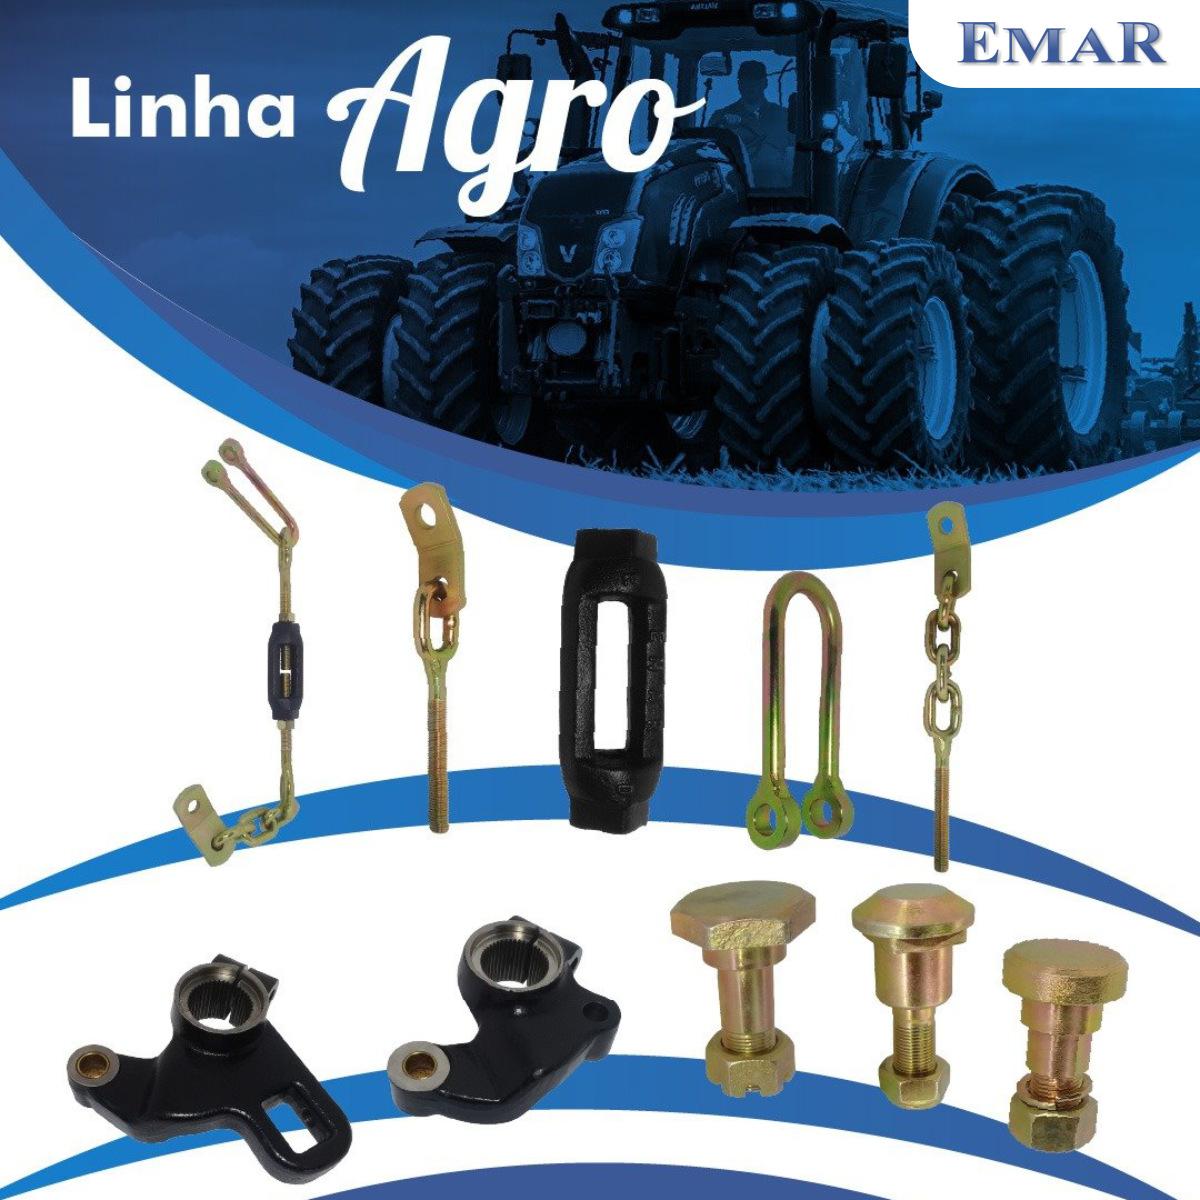 Junta do Braço Nivelador - Linha Agrícola